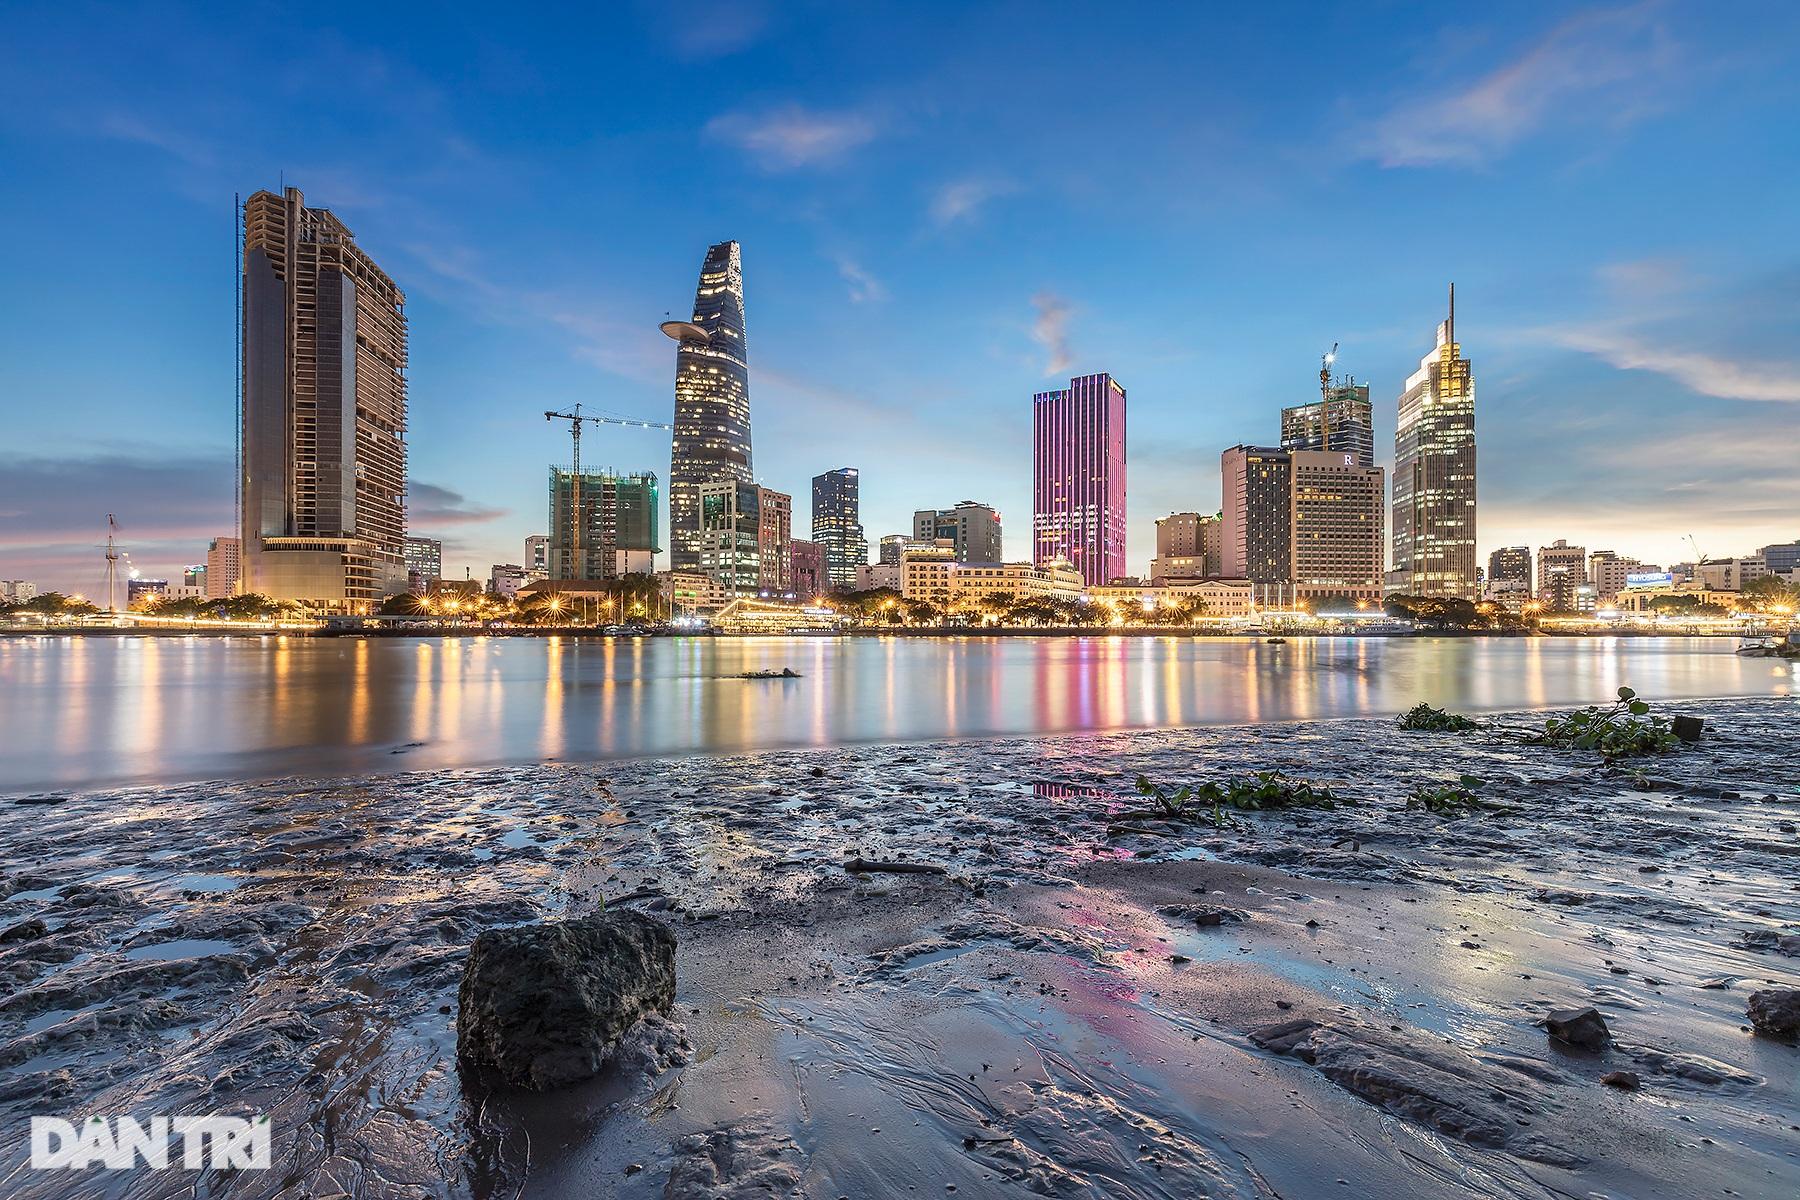 Thành phố Hồ Chí Minh - Vẻ đẹp của một Siêu đô thị hiện đại - 21